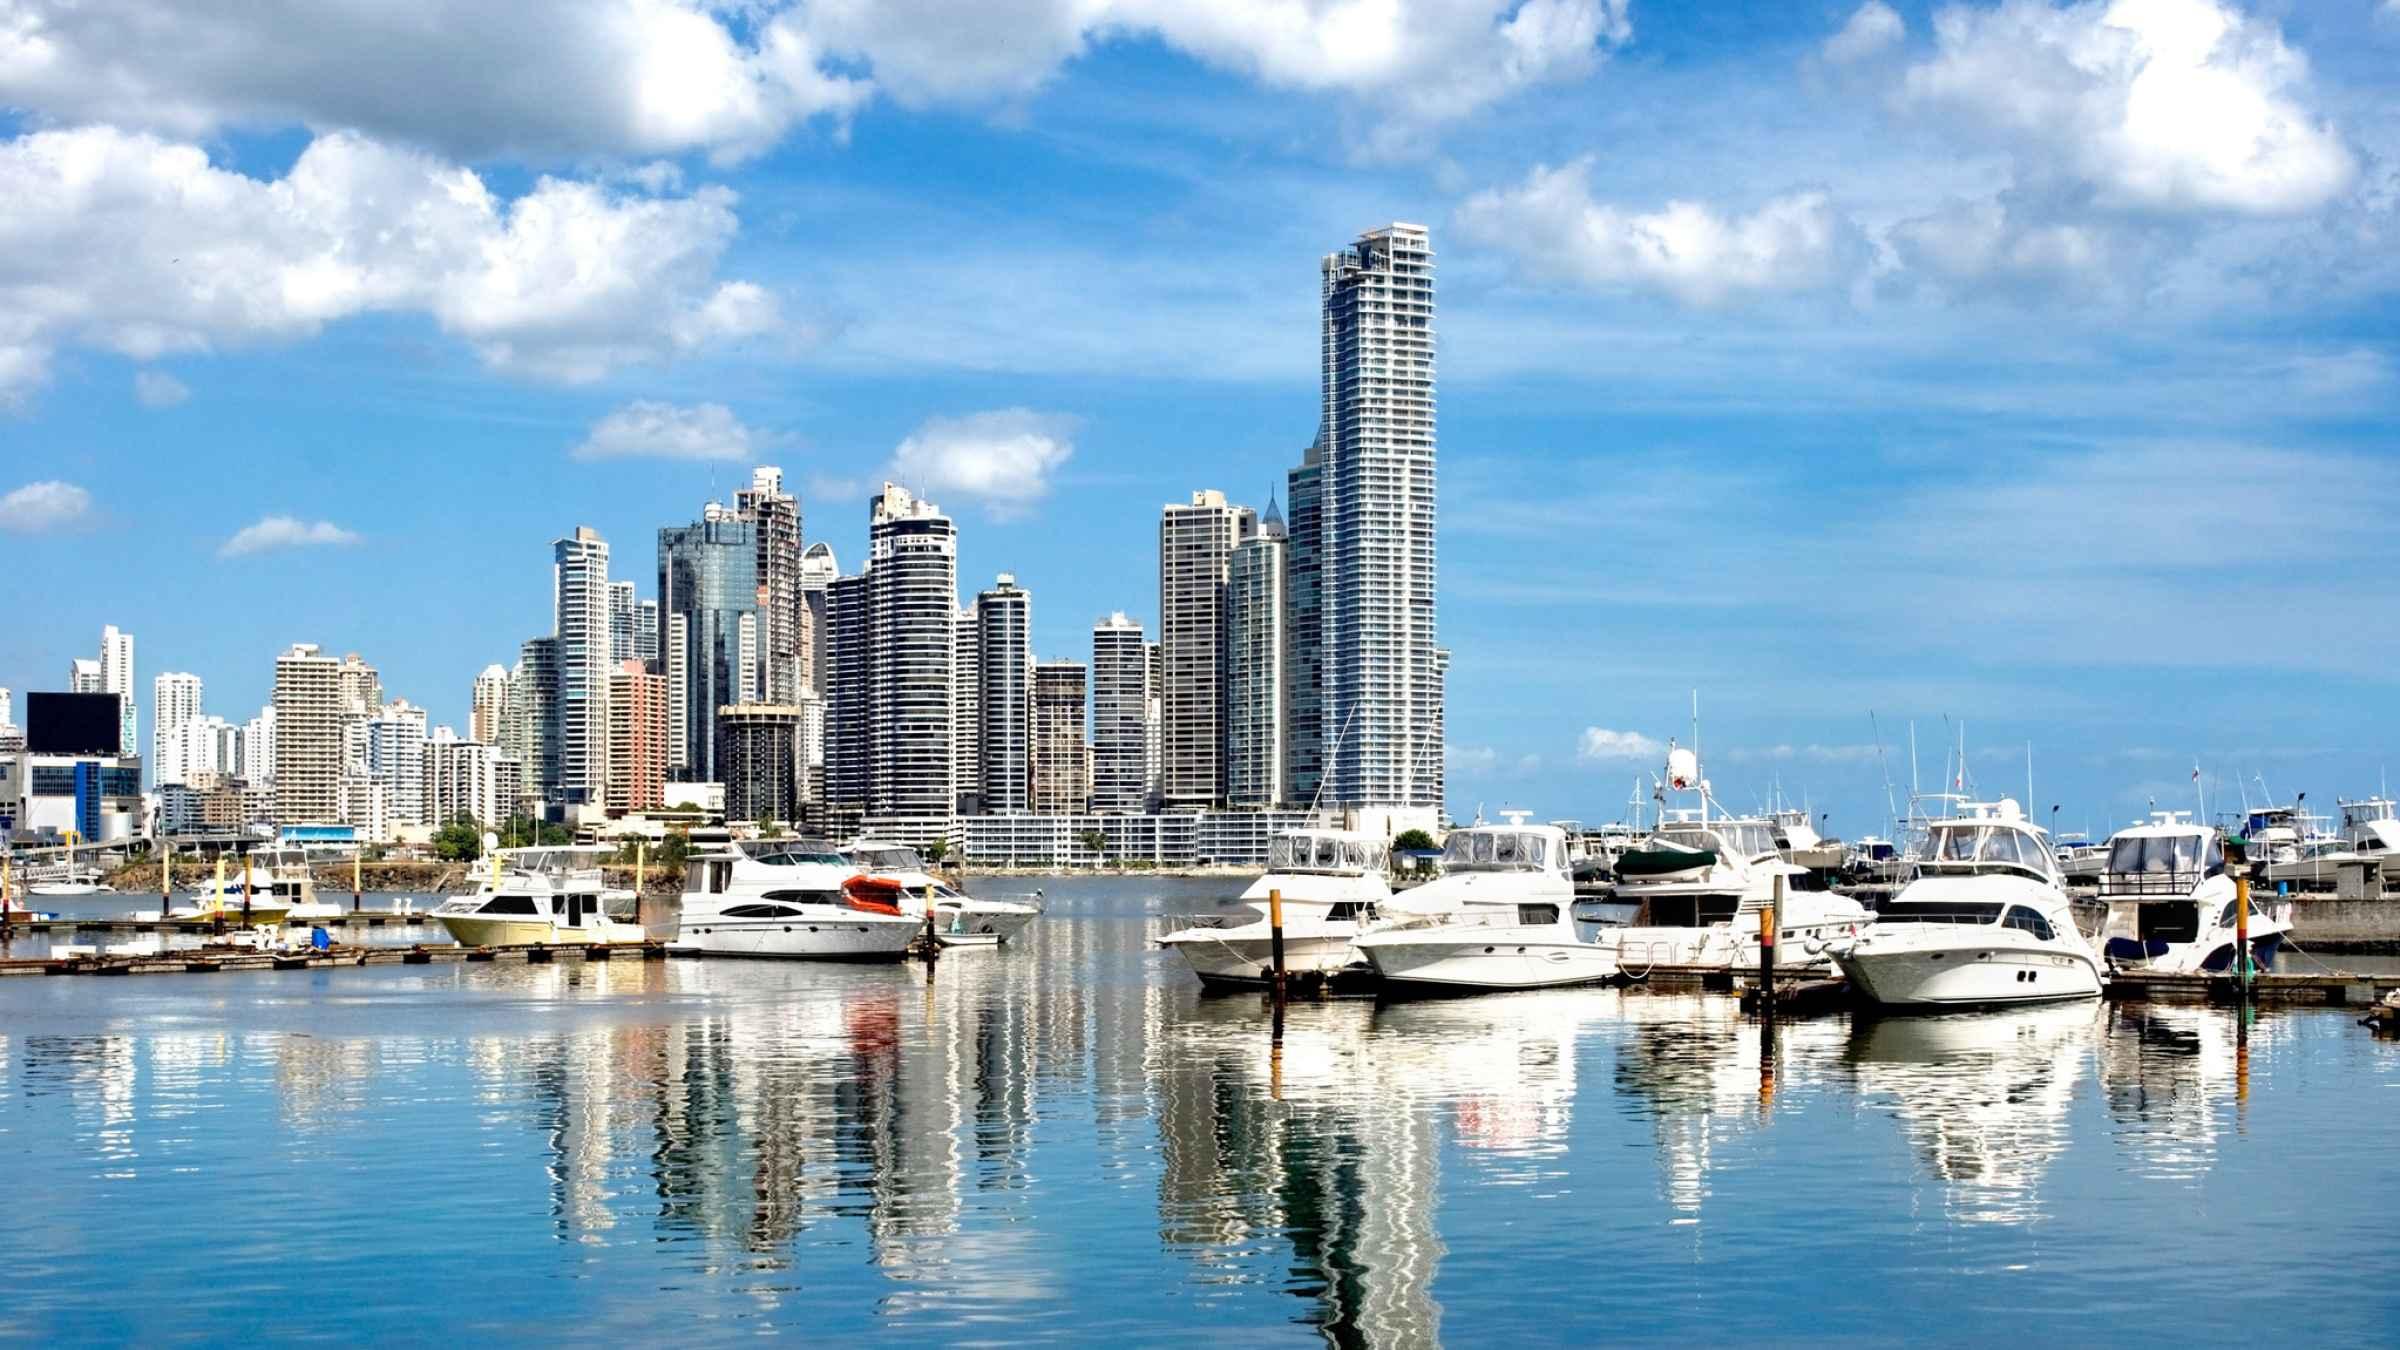 Ciudad De Panamá 2021 Los 10 Mejores Tours Y Actividades Con Fotos Cosas Que Hacer En Ciudad De Panamá Panamá Getyourguide